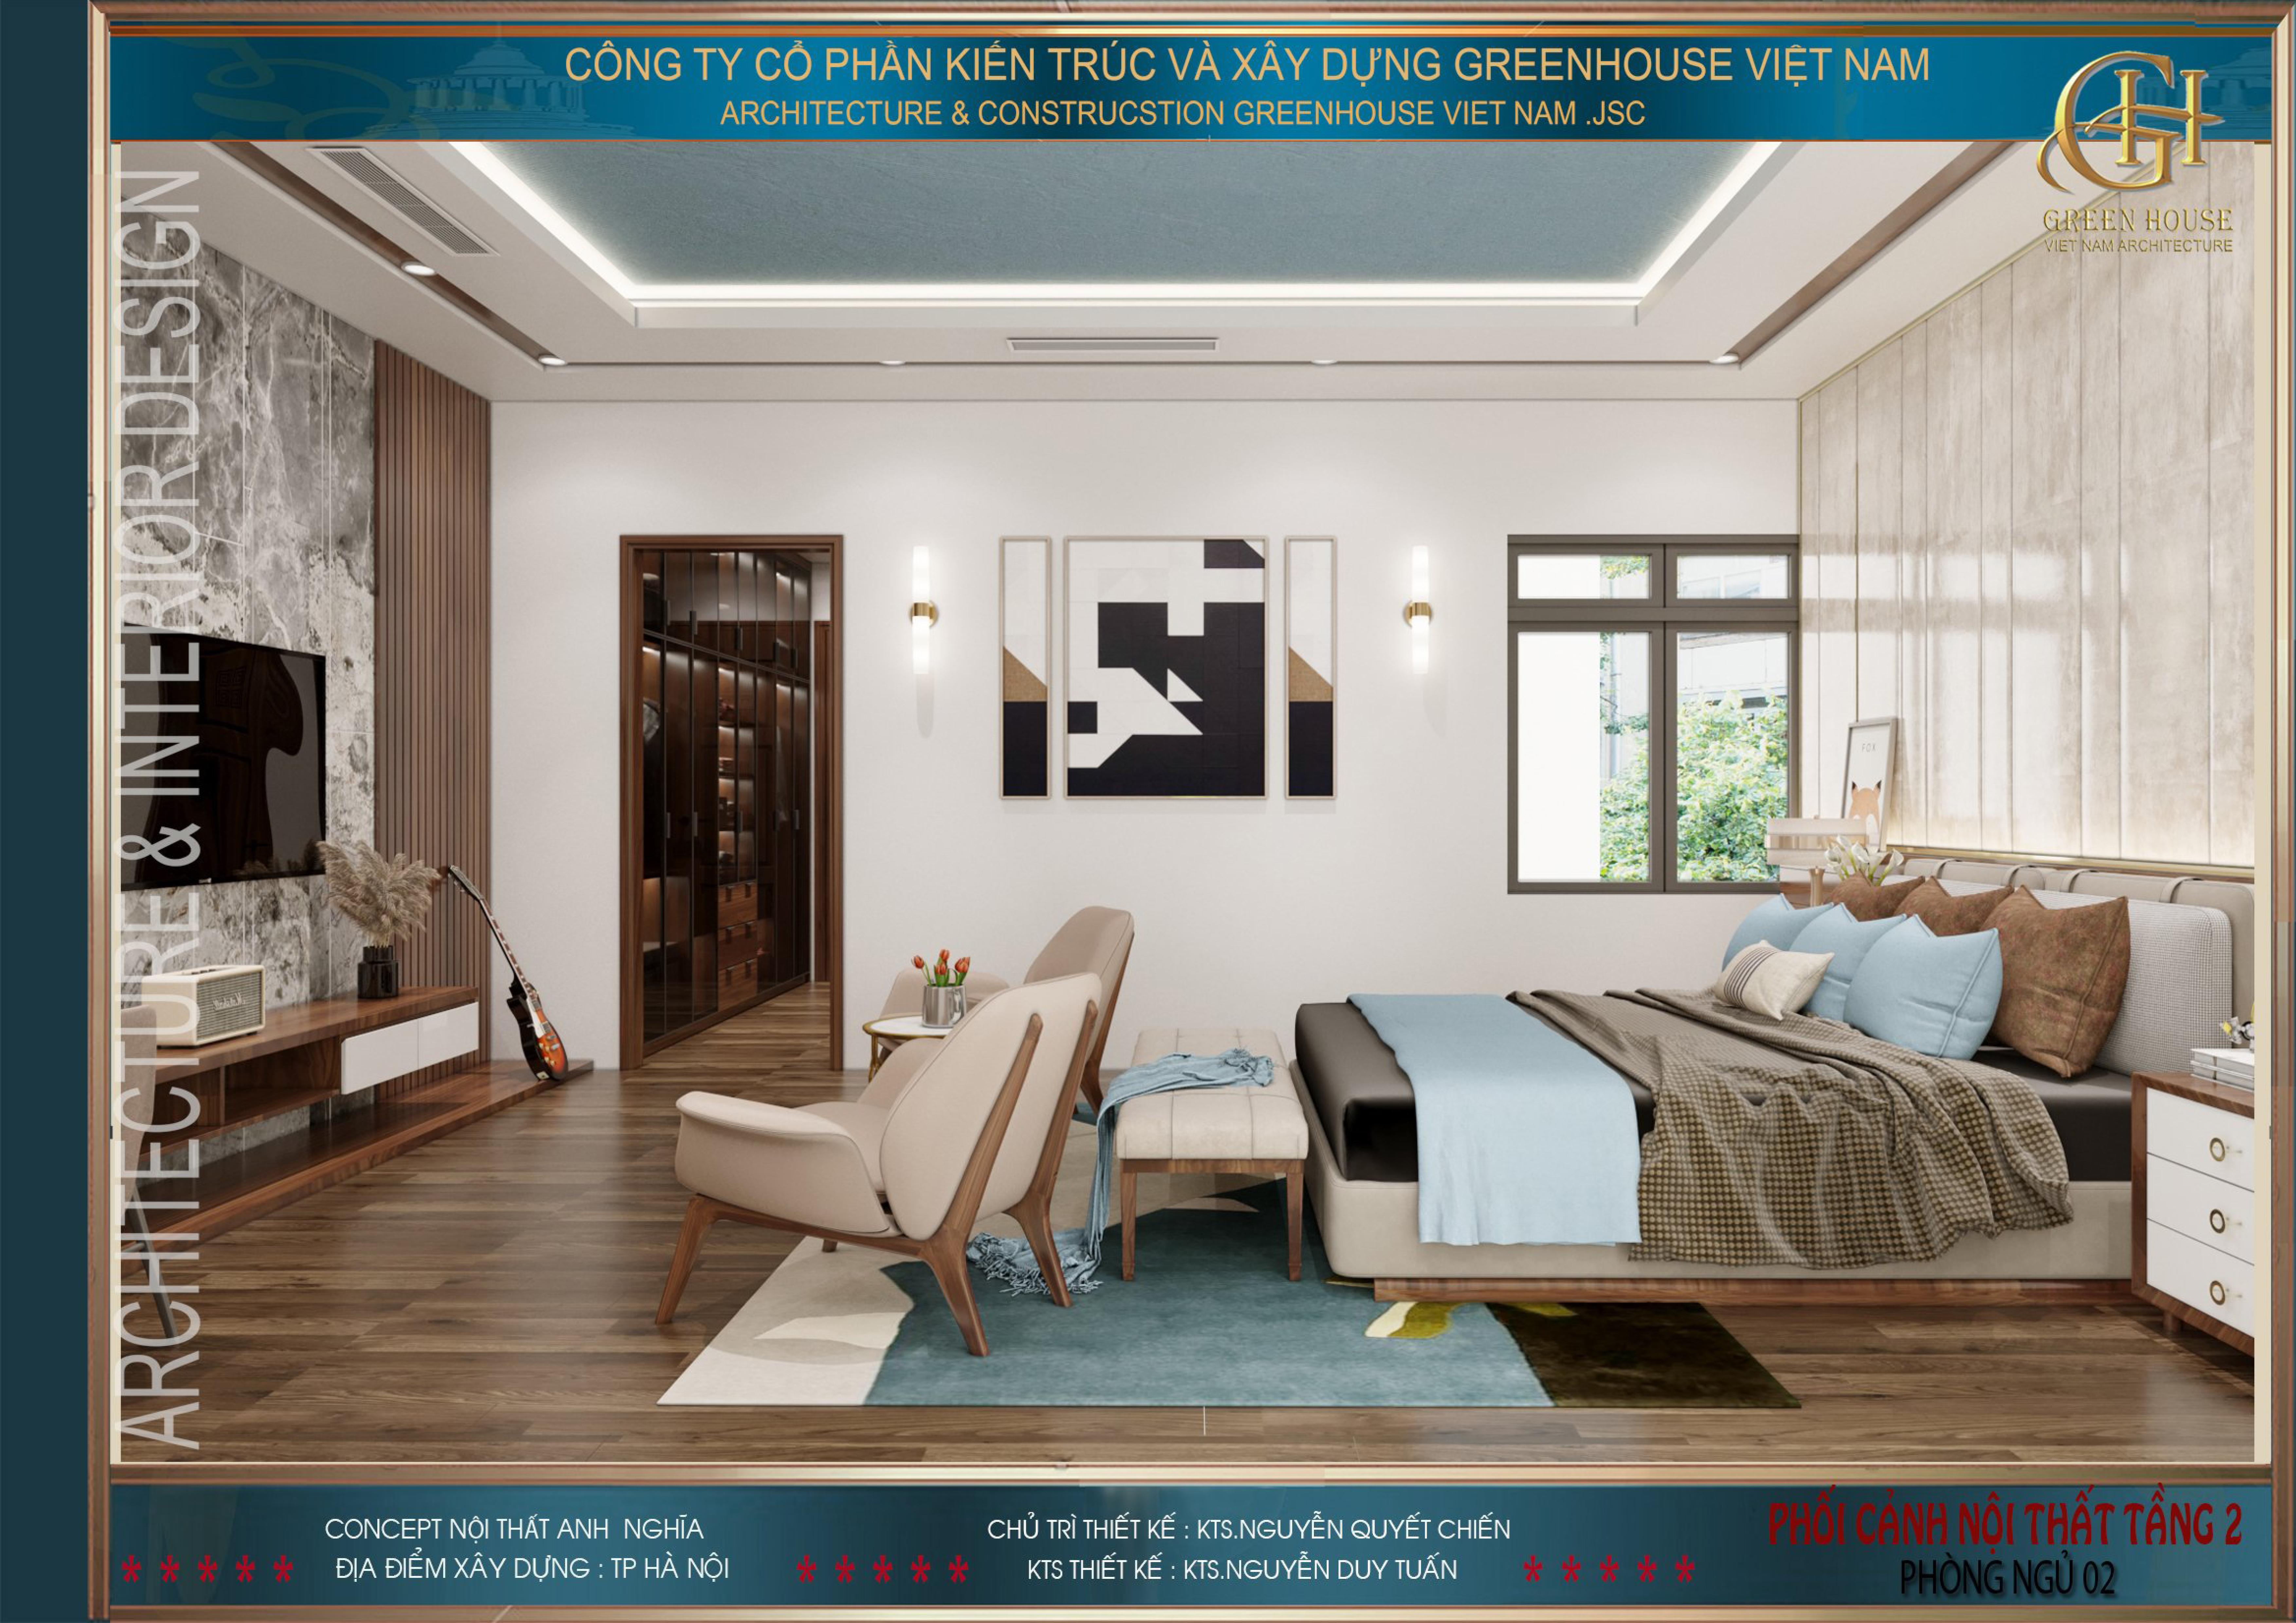 Phòng ngủ mang vẻ đẹp lịch lãm, mạnh mẽ và nam tính hơn